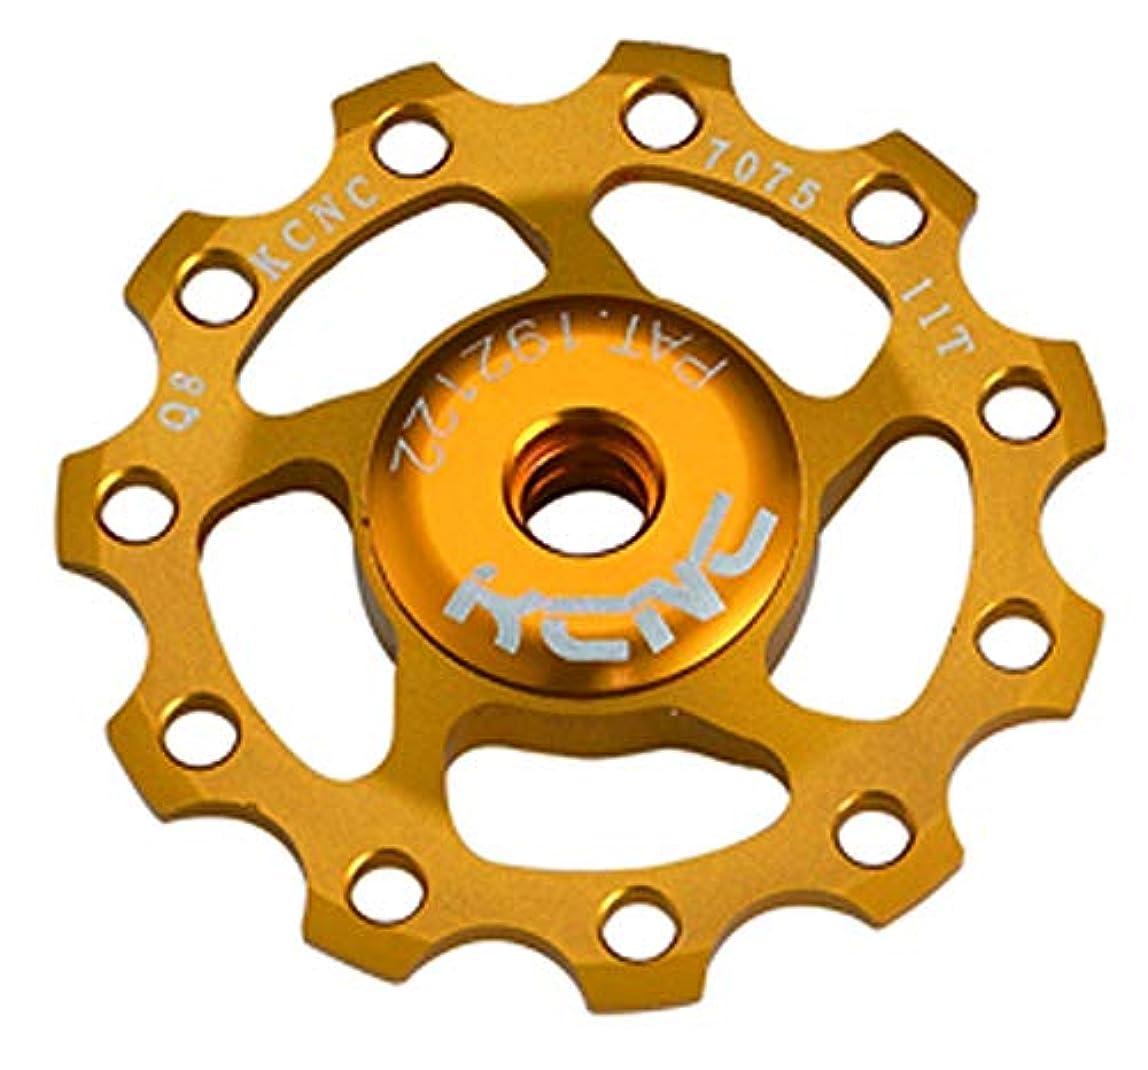 州アクセル種をまくKCNC 自転車 軽量 ベアリング内蔵 ディレーラーパーツ ジョッキーホイール 11T プーリー 11S/10S/9S ゴールド 304389